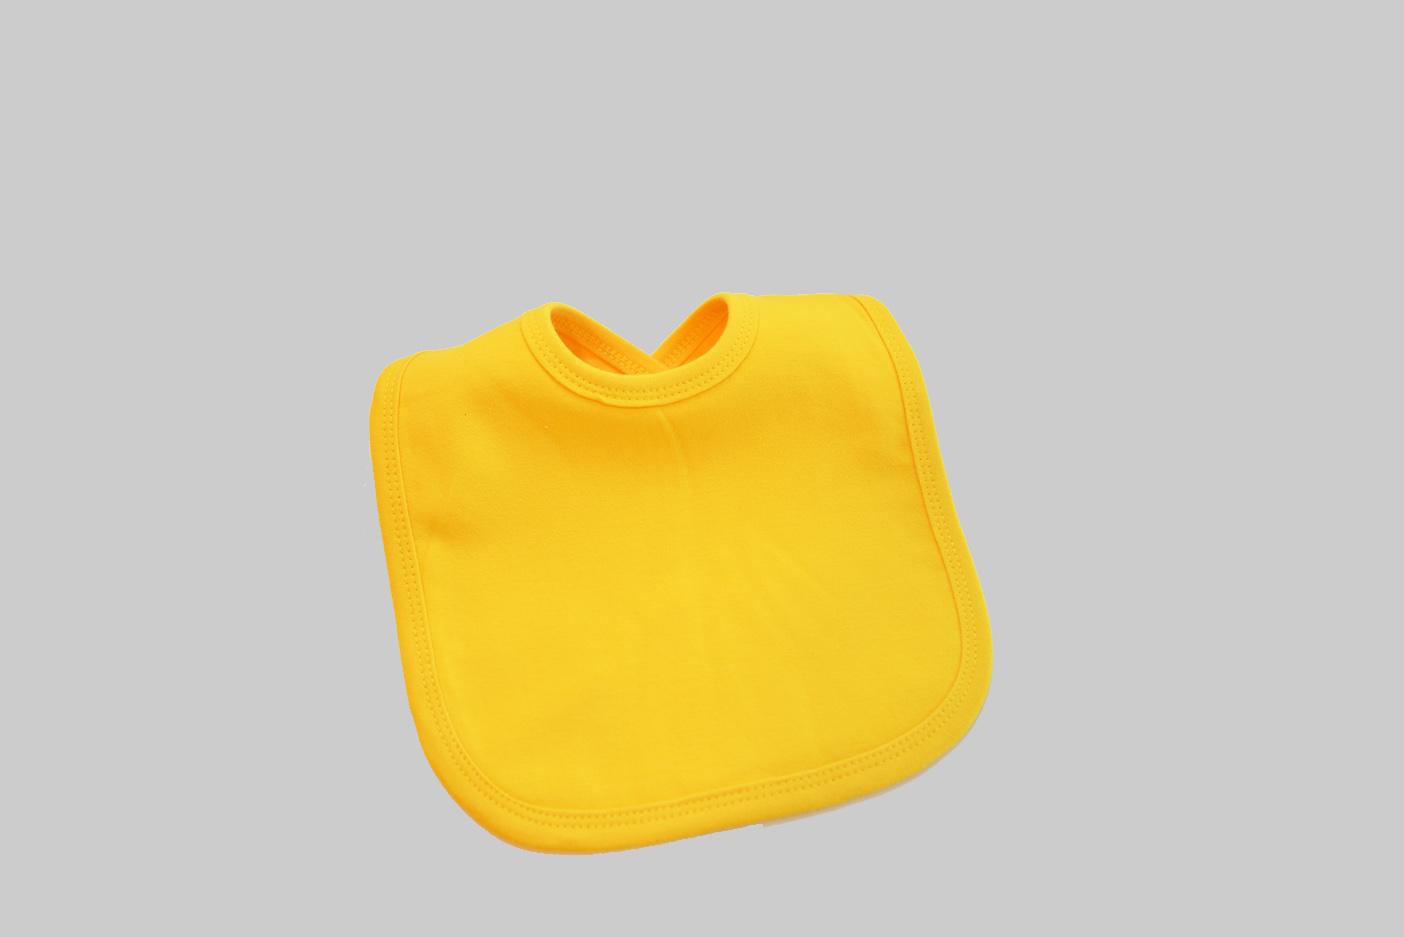 Golden Yellow baby bib